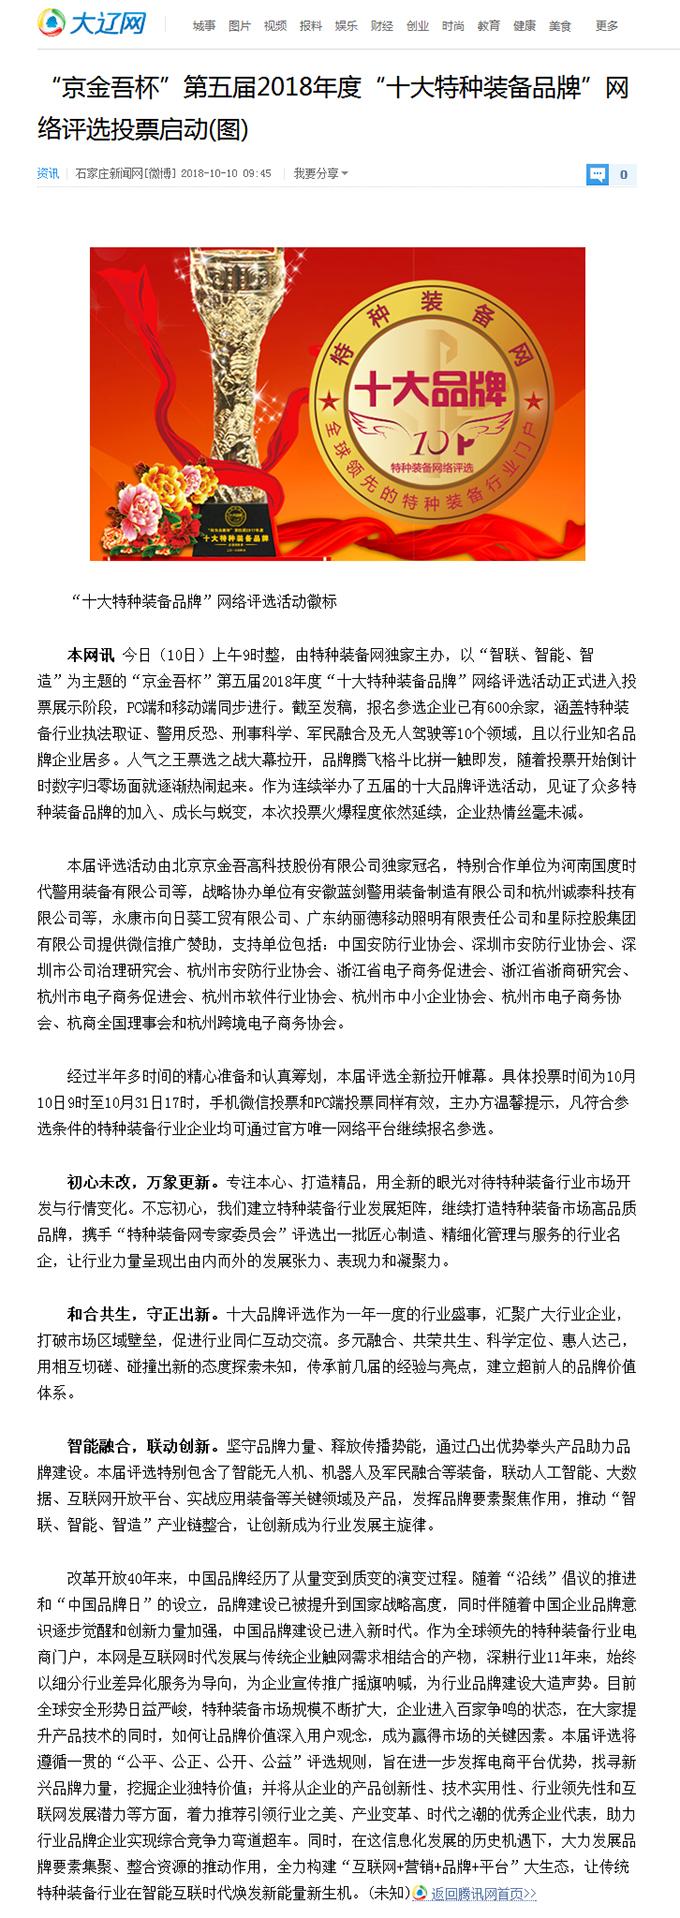 大辽网_腾讯网.jpg